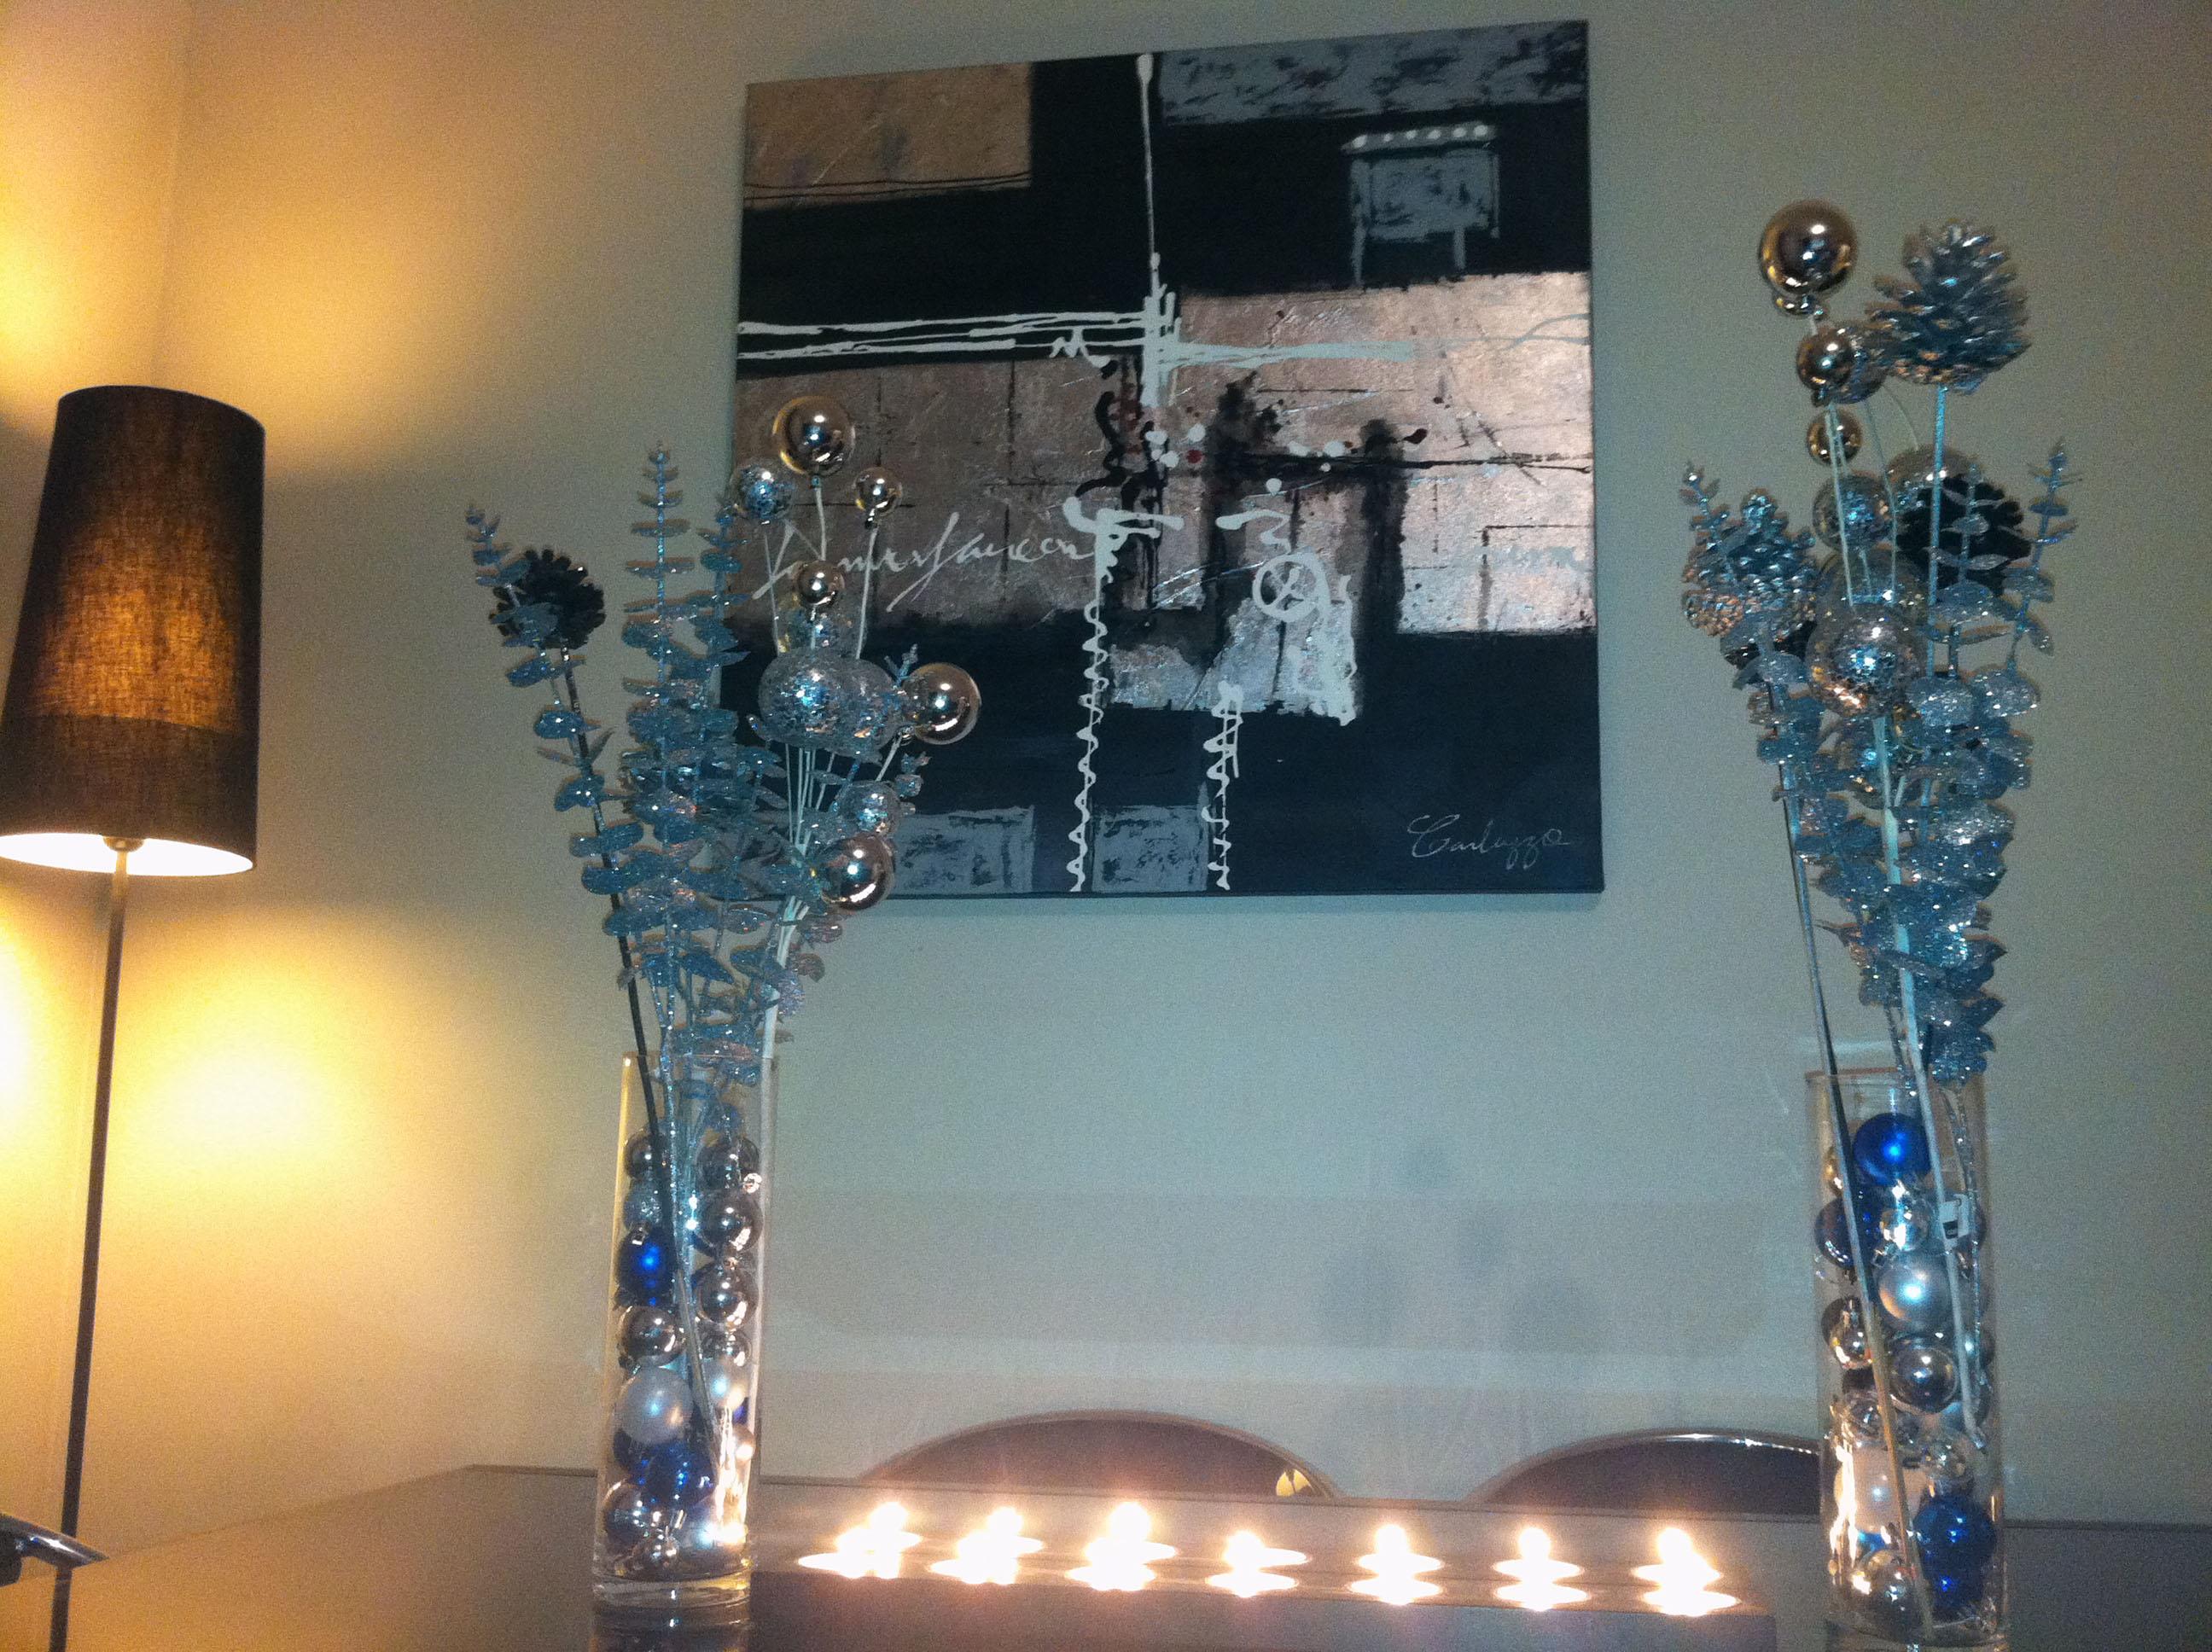 Cette ann e noel sera bleu et argent deco tendency - Deco table noel bleu argent ...